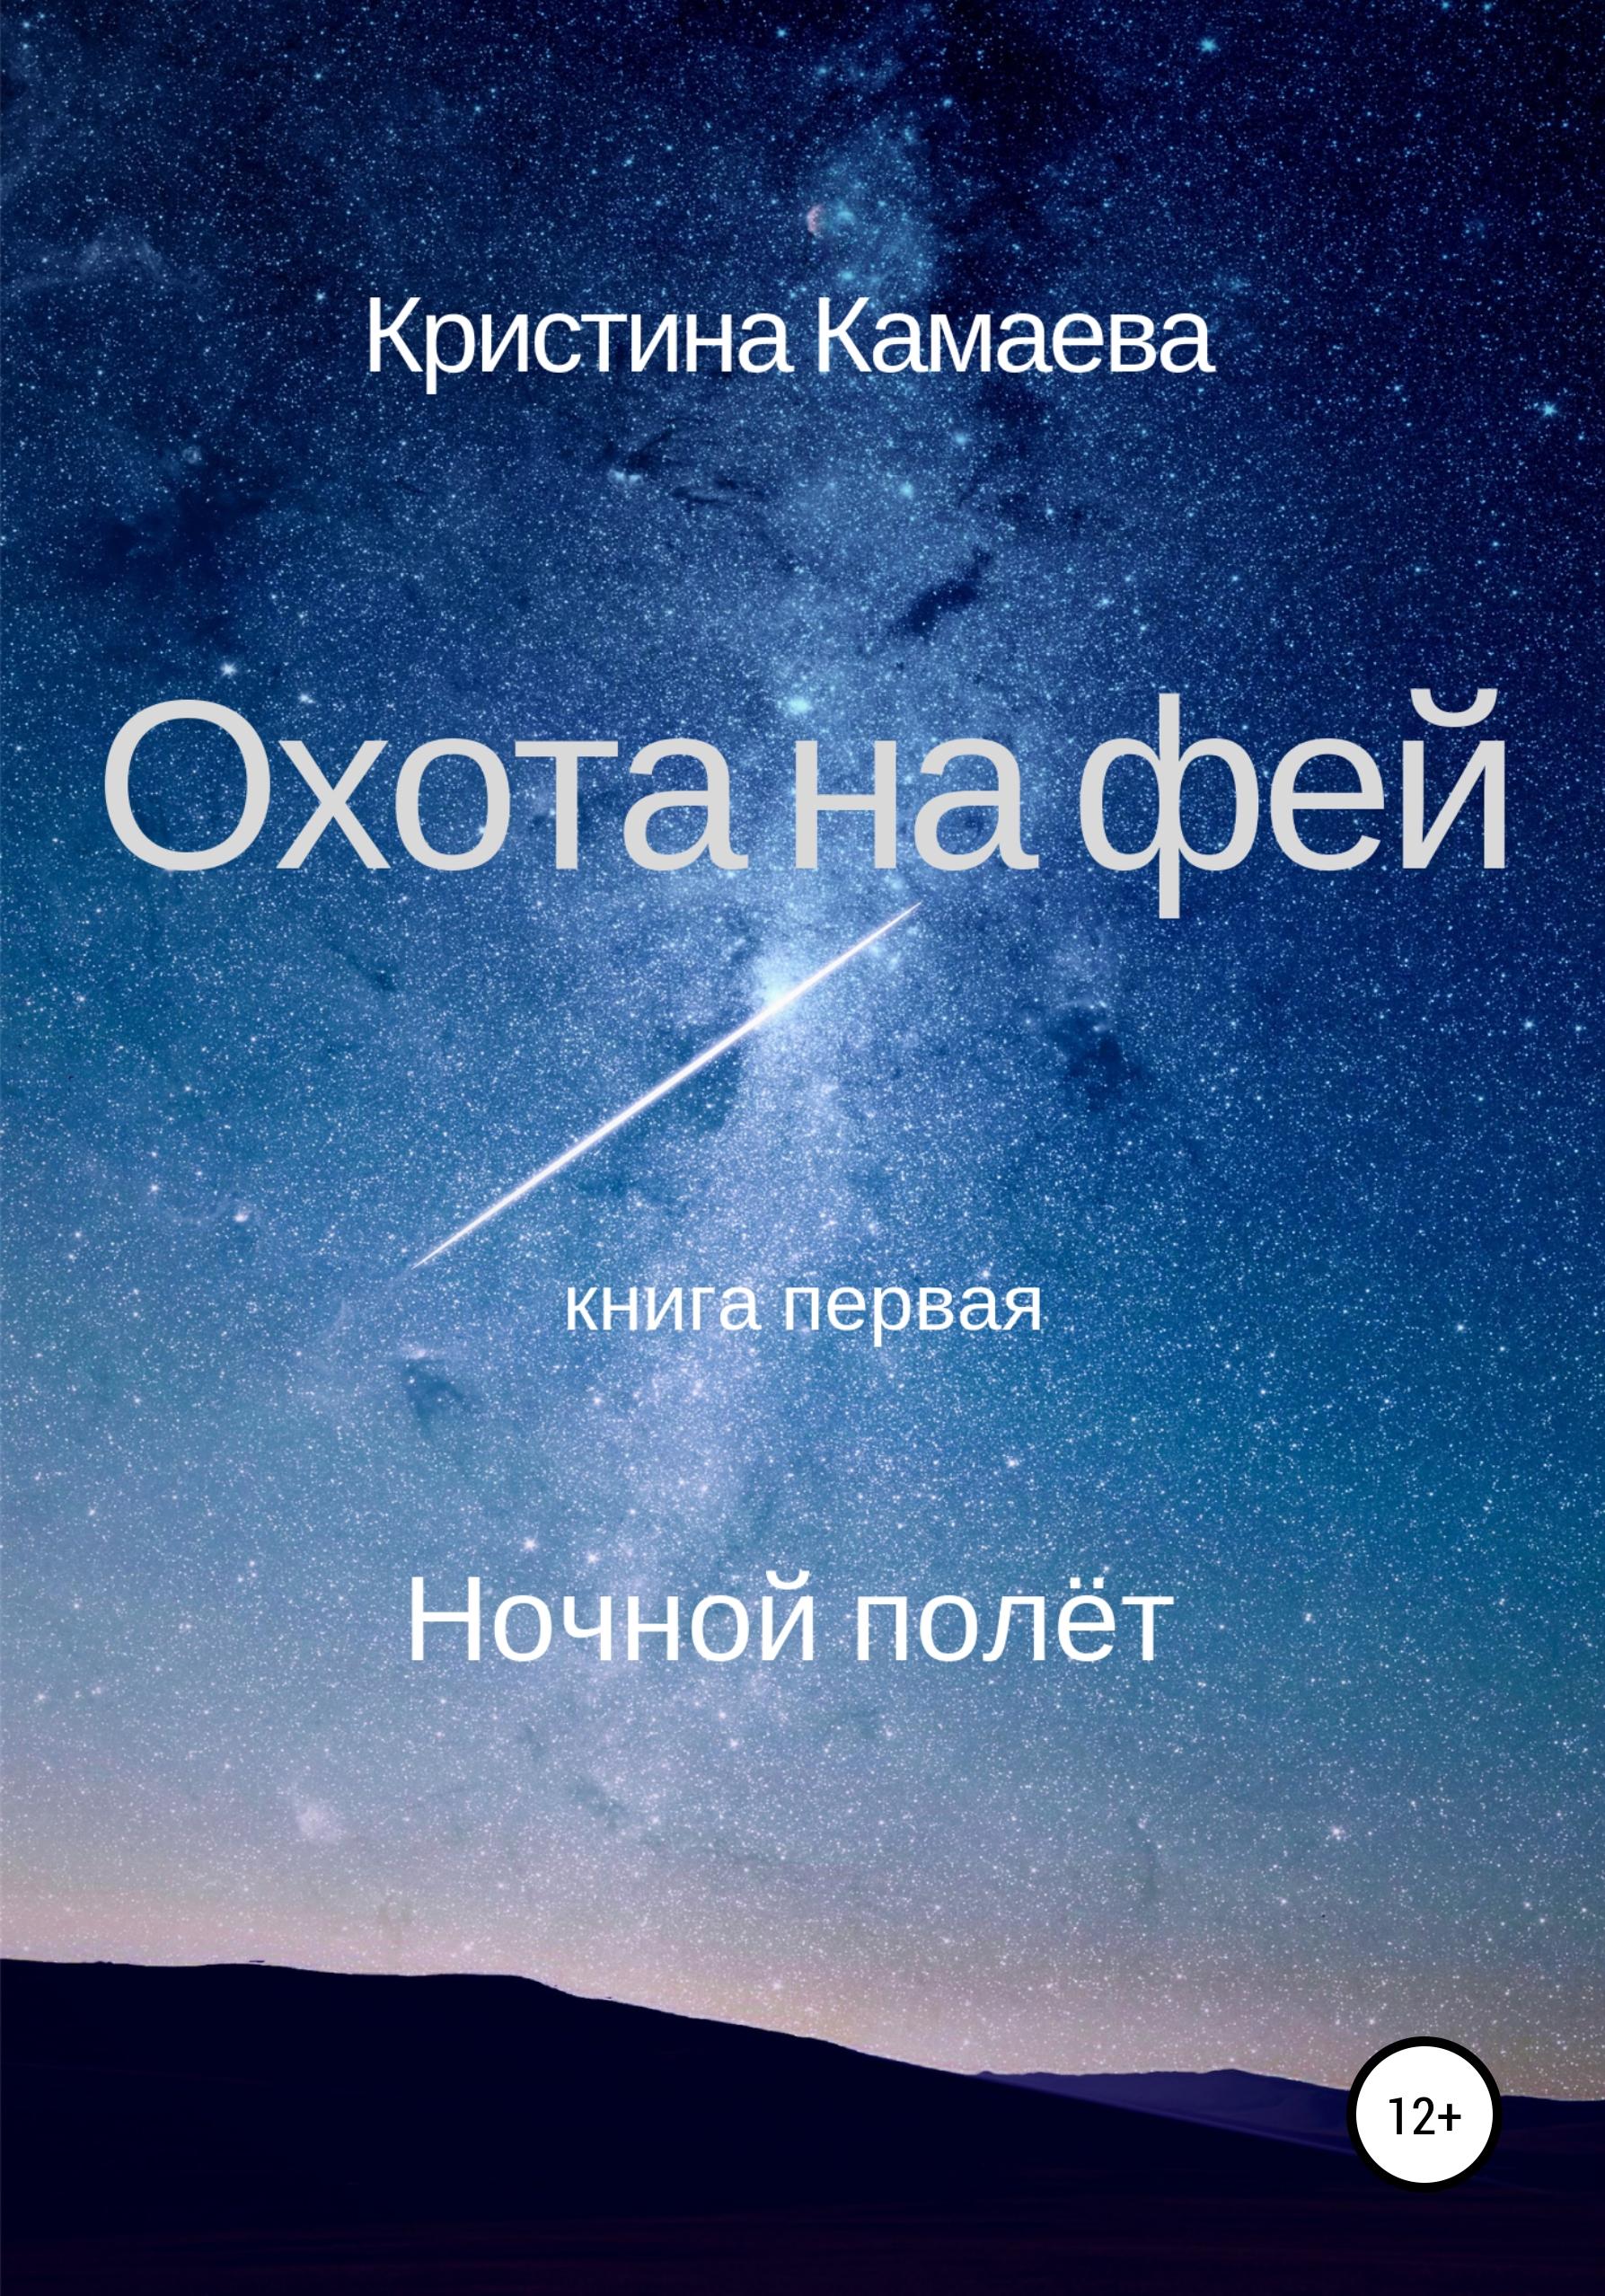 Кристина Камаева Охота на фей. Книга первая. Ночной полет цена 2017